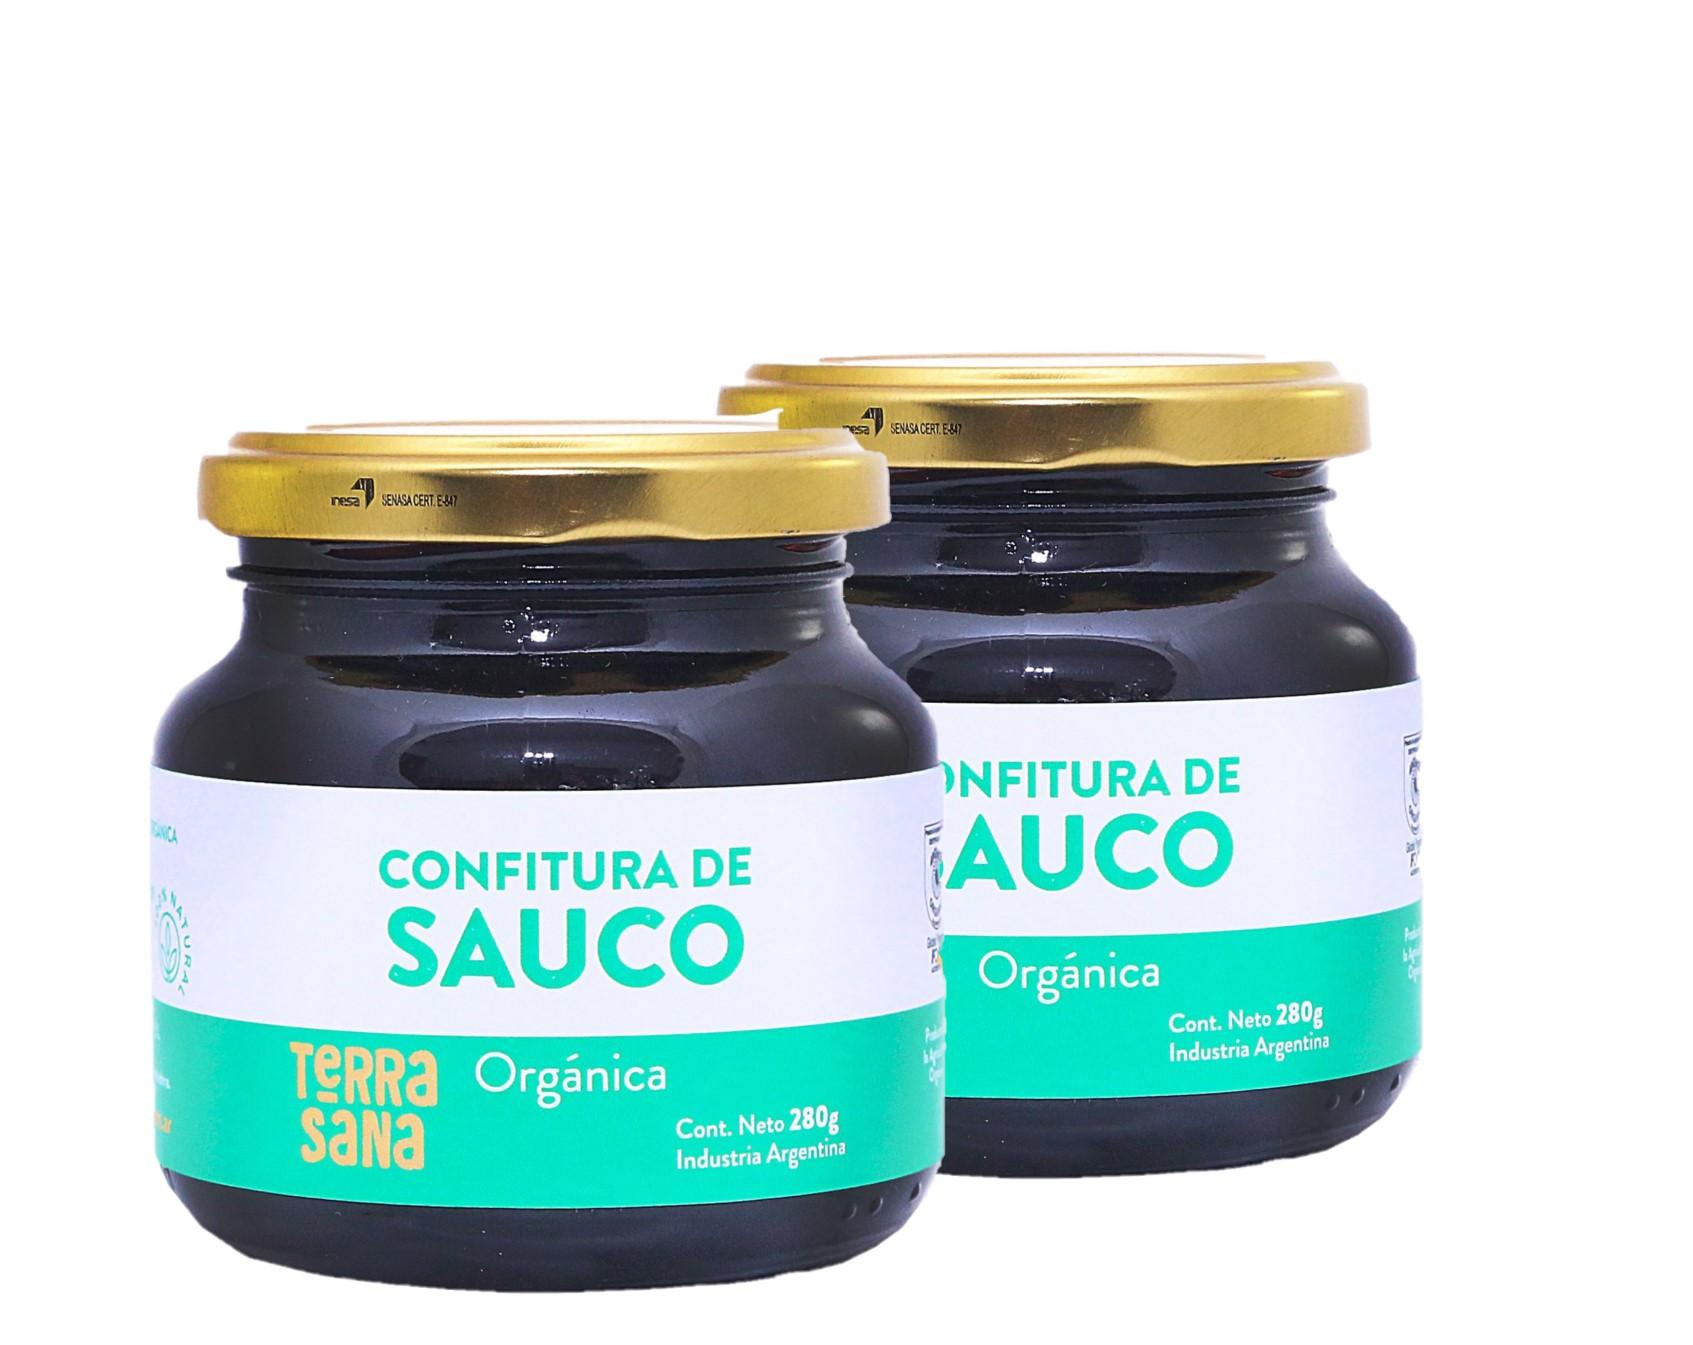 PROMO 50%OFF 2da unidad mermelada de sauco